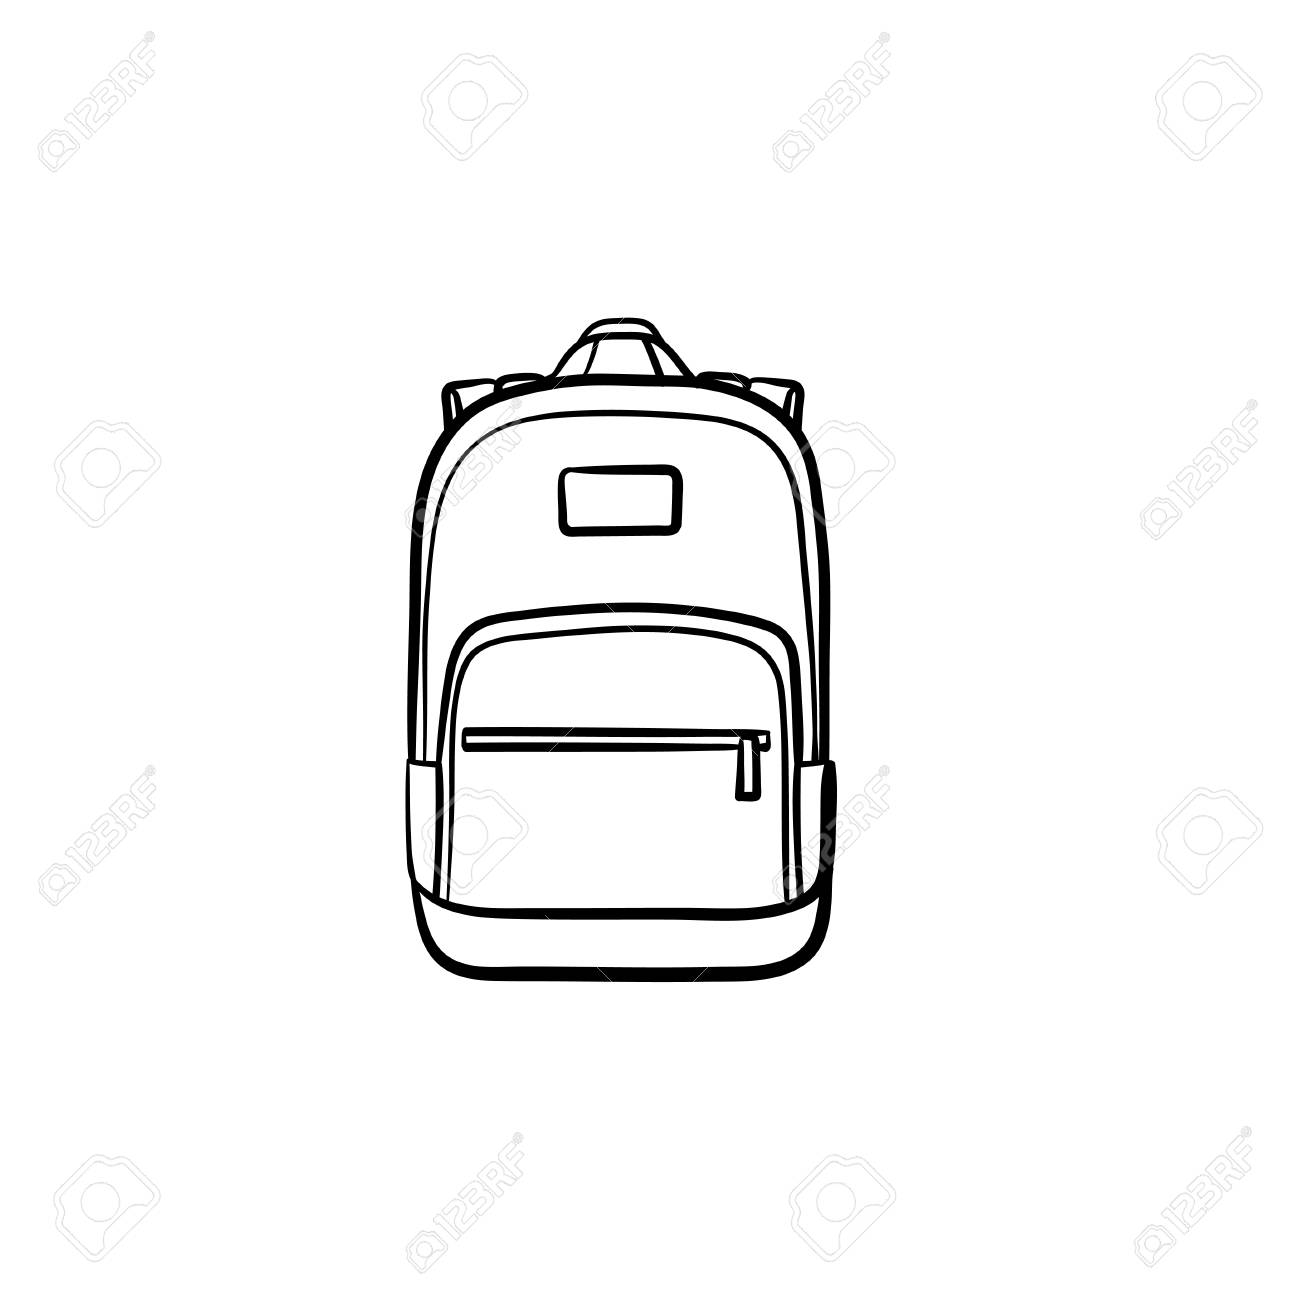 Bag clipart outline, Bag outline Transparent FREE for download on  WebStockReview 2020